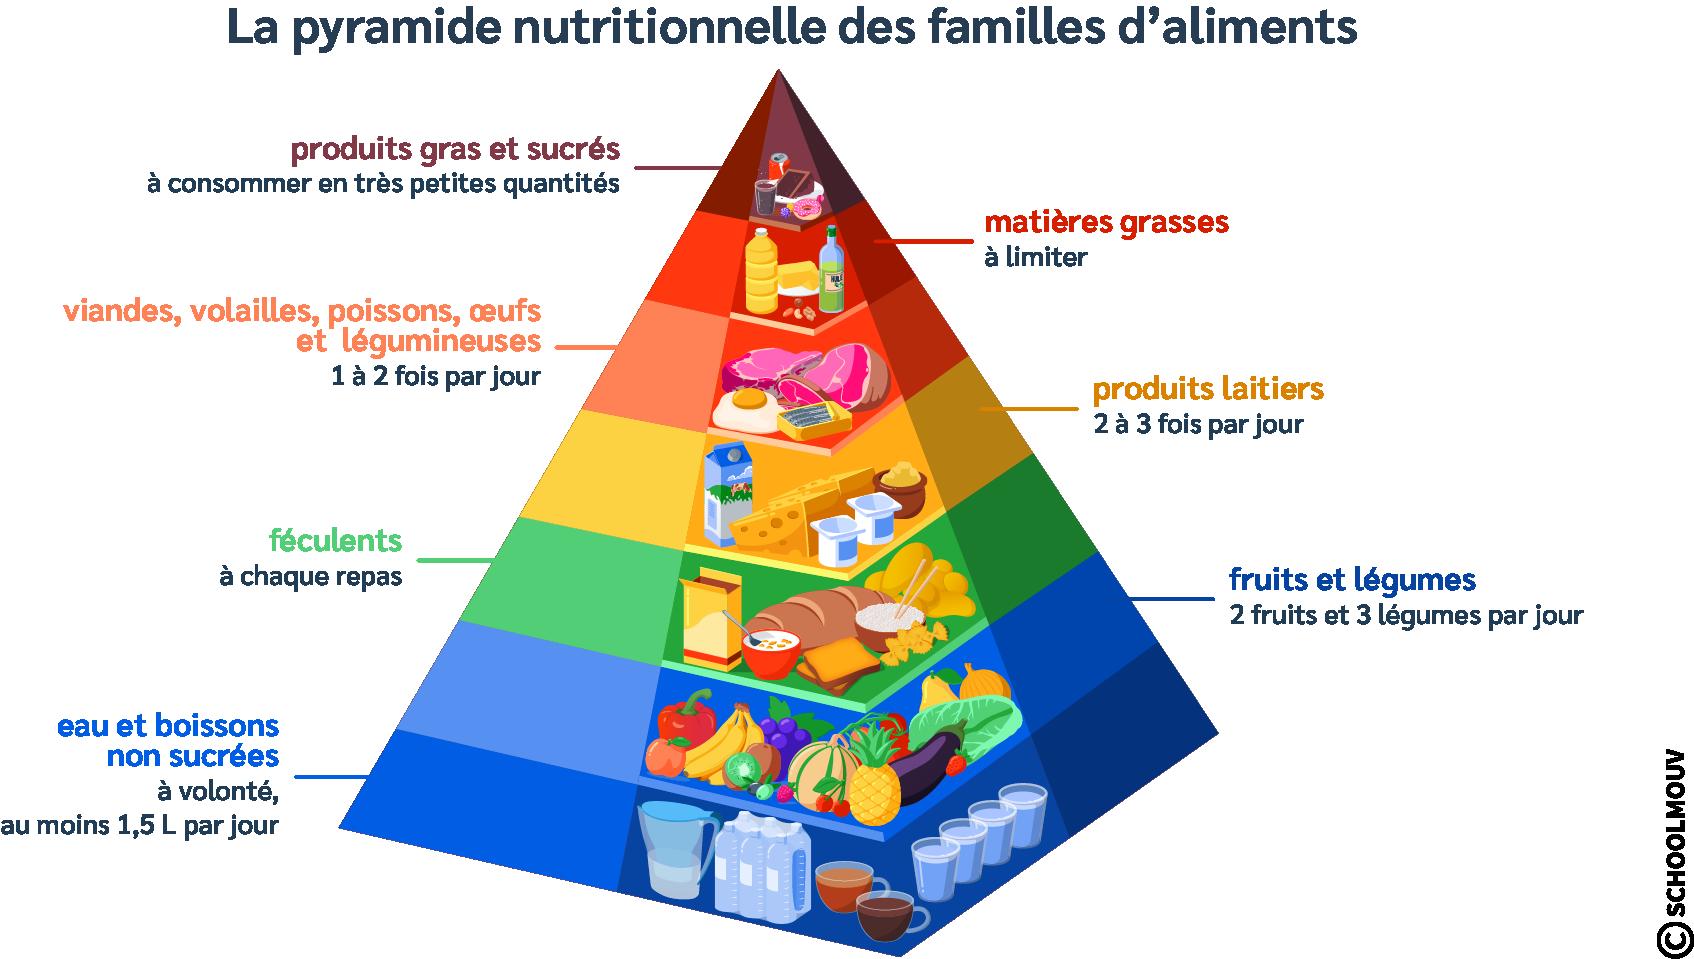 Pyramide nutritionnelle - Menu - Équilibré - Alimentation - Familles d'aliments - Repas - Apports essentiels - SchoolMouv - Sciences - CE2